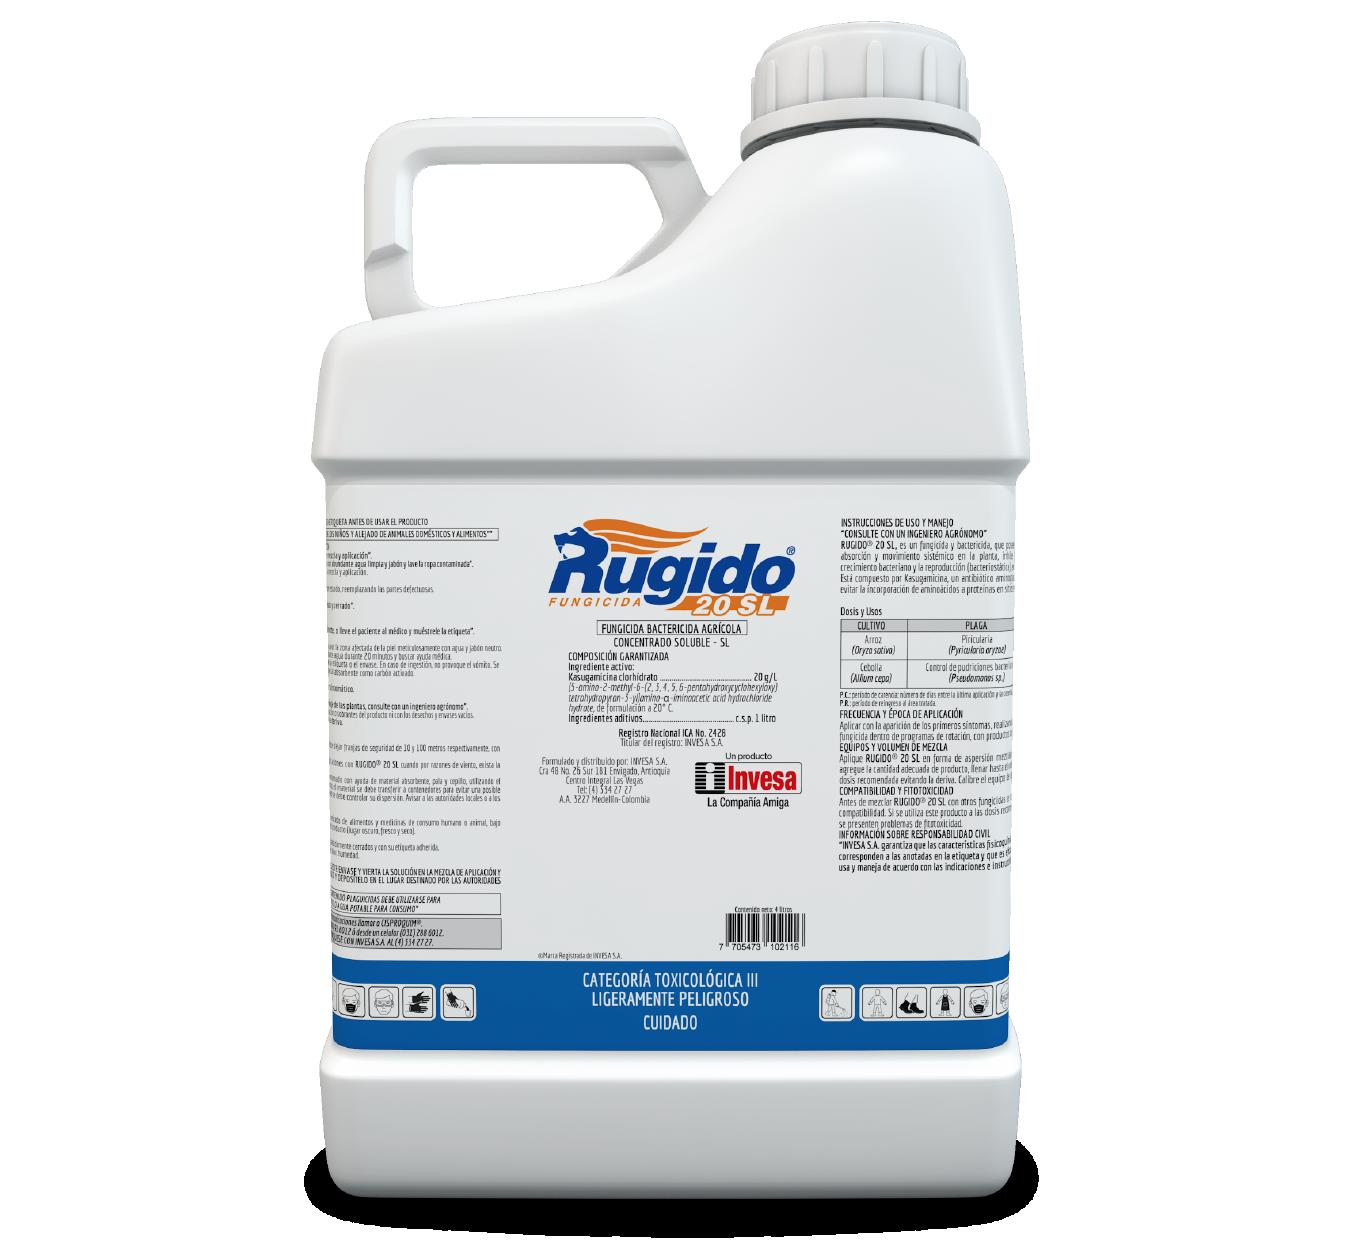 Fungicida rugido 20 sl 4 litros invesa